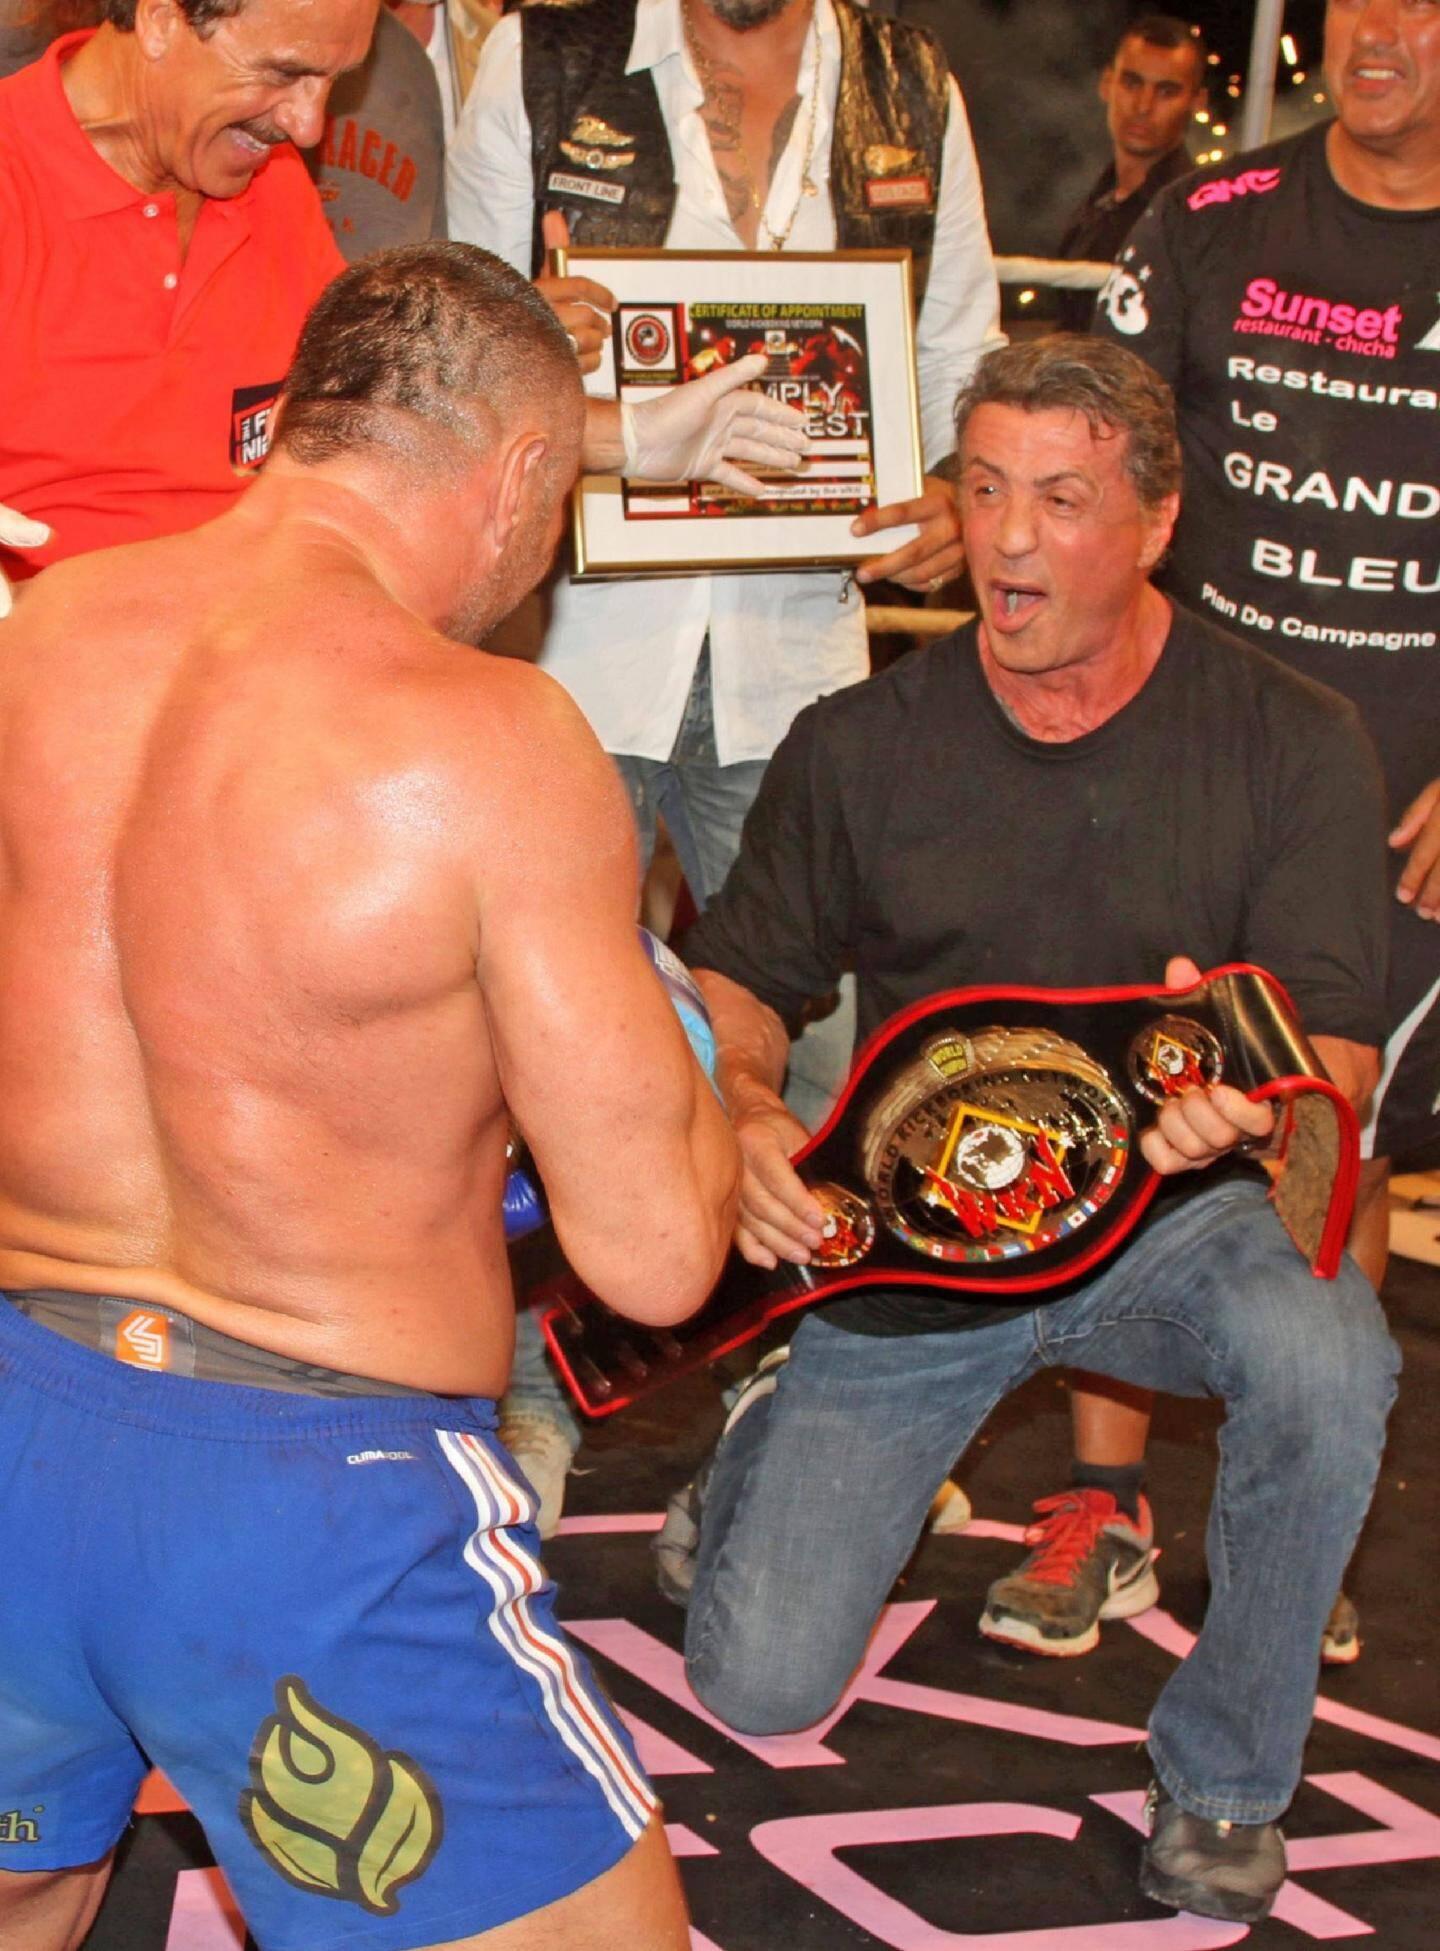 Sylvester Stallone sera-t-il aussi surexcité lors du tournage tropézien de « Rocky 7 » qu'au moment de la remise de la ceinture de champion à Jérôme Le Banner en 2013 ? Aucun doute : à La Citadelle, « Sly » est dans son élément.